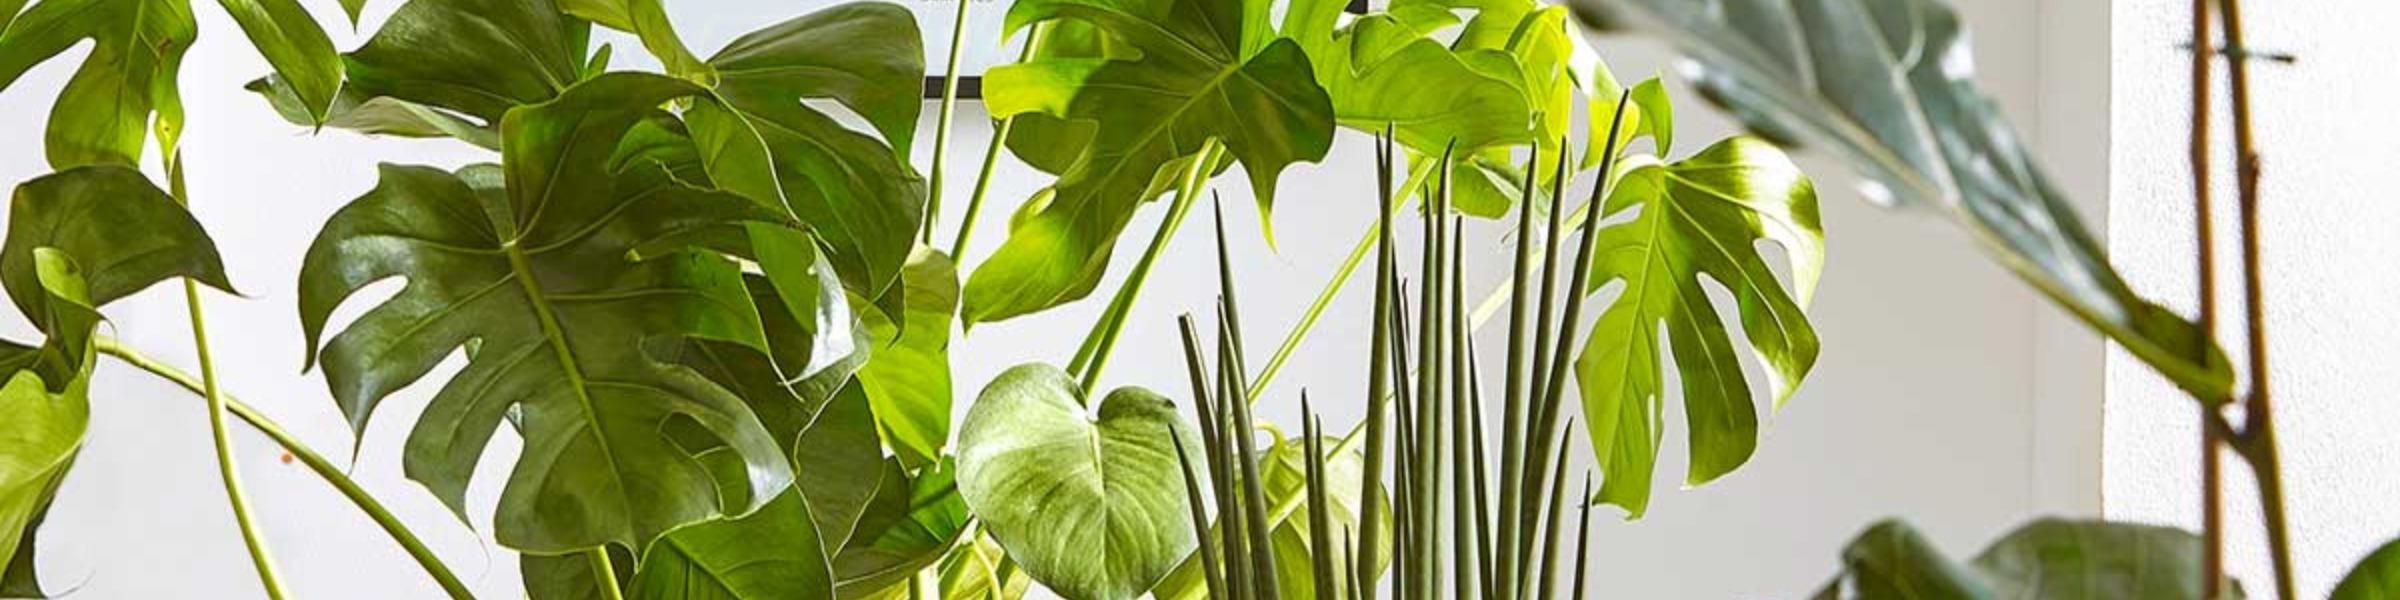 grosse zimmerpflanzen